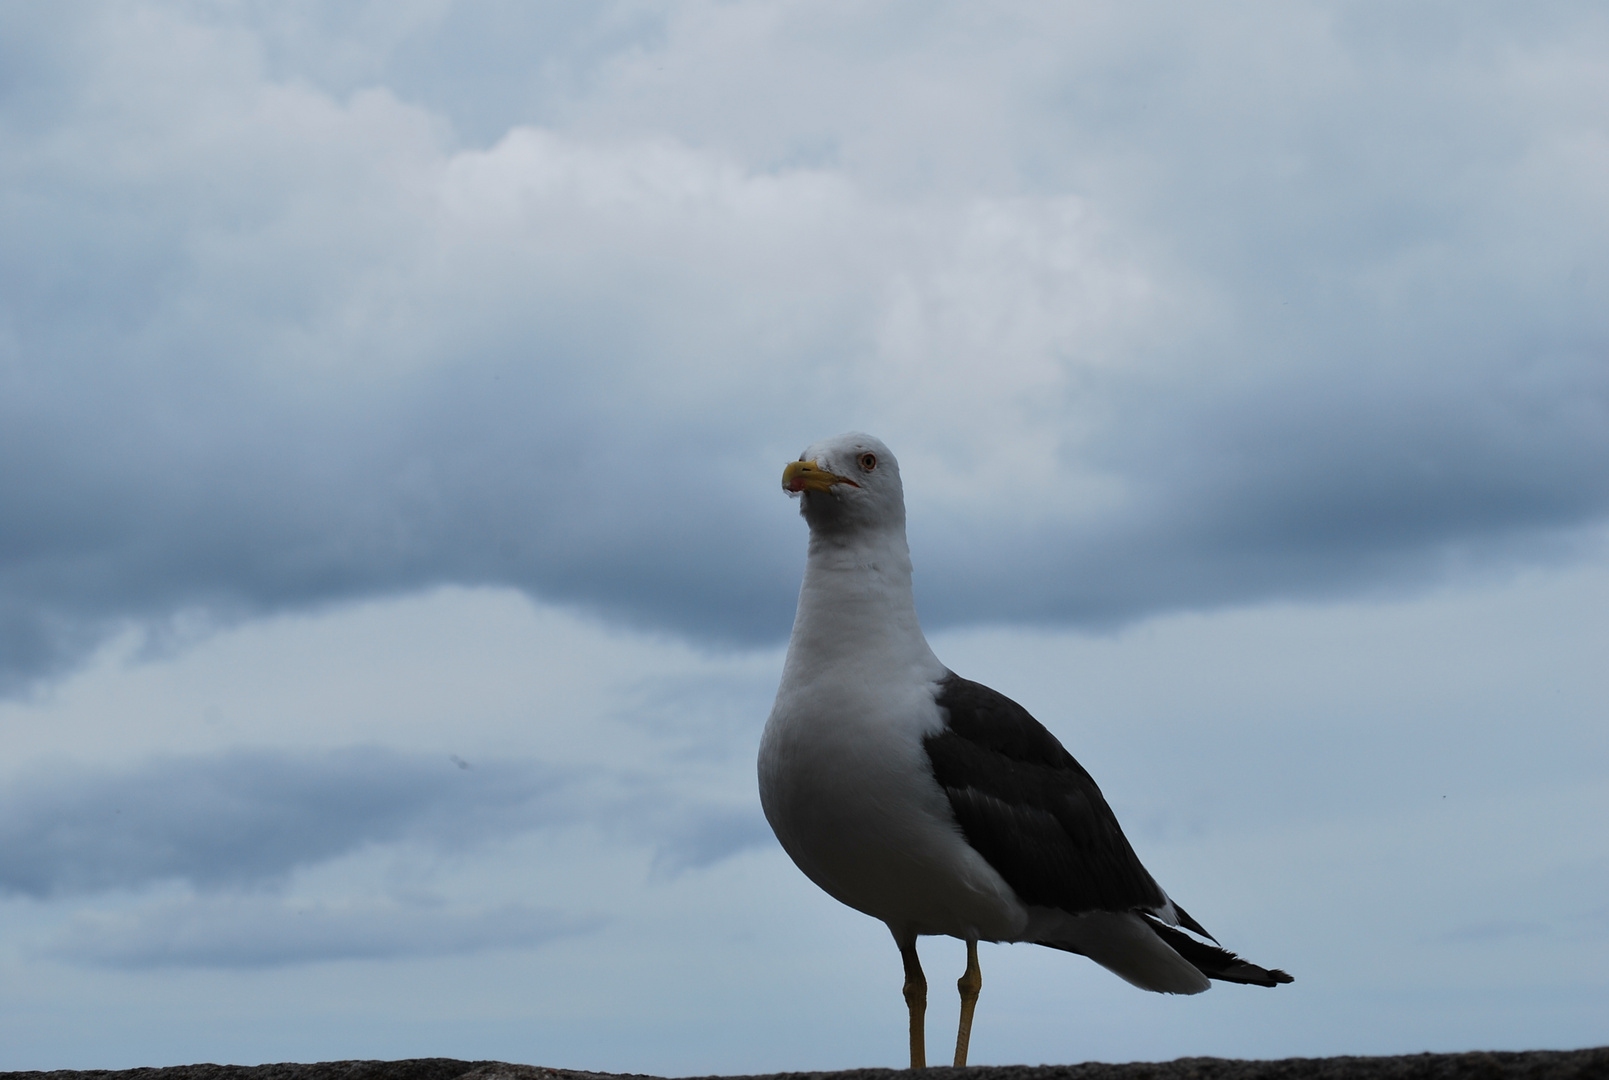 A Saint-Malo un oiseau contemplait les hommes ...